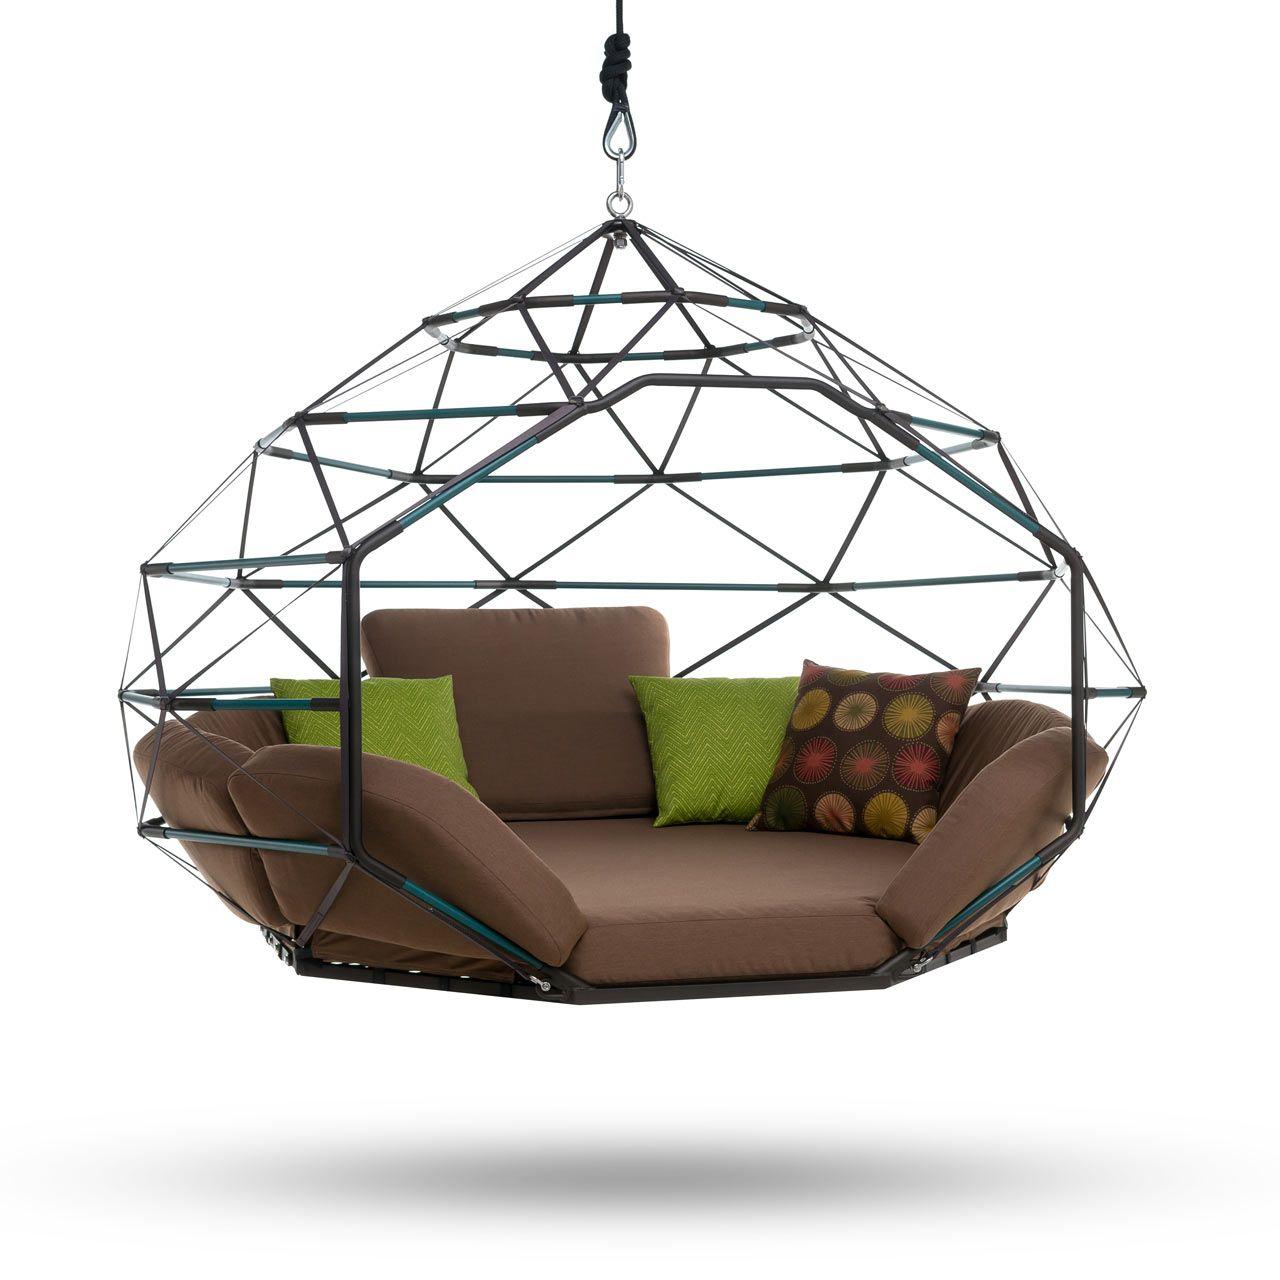 ▻ Kodama Zome - design moderno e muito conforto em uma cama ...